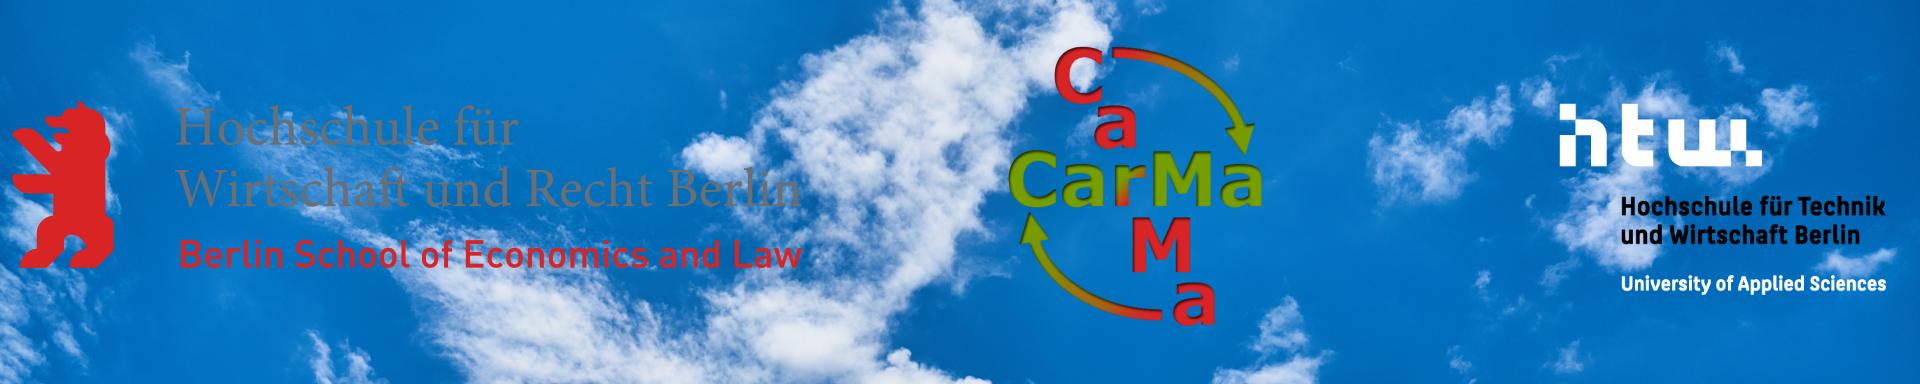 CarMa – Carbon Management für Facility Services